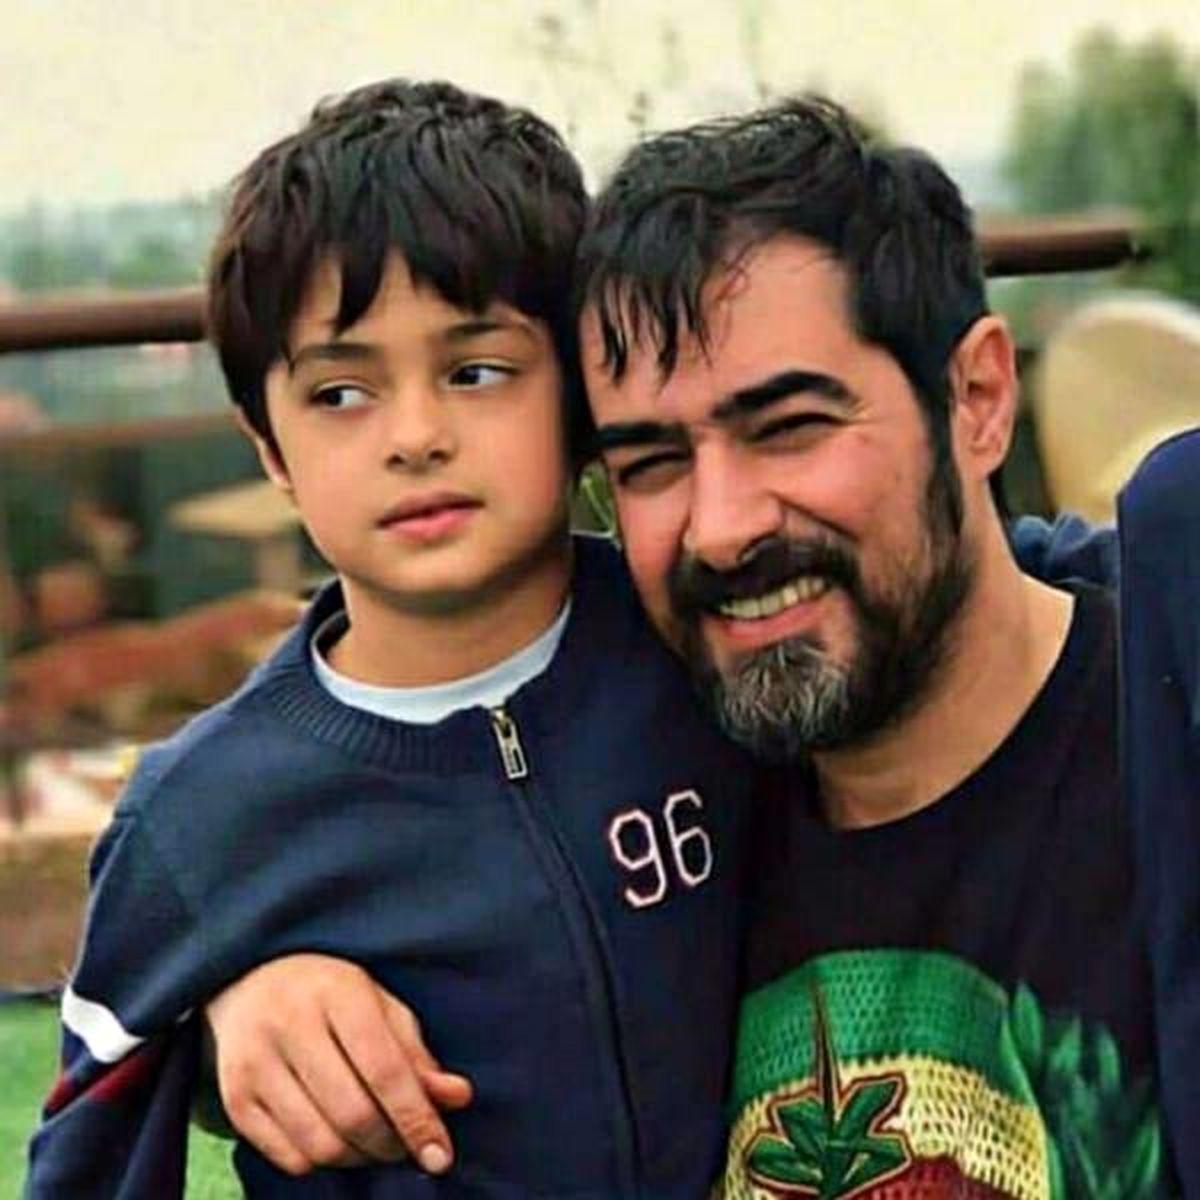 شهاب حسینی در آمریکا واکسن کرونا زد + عکس